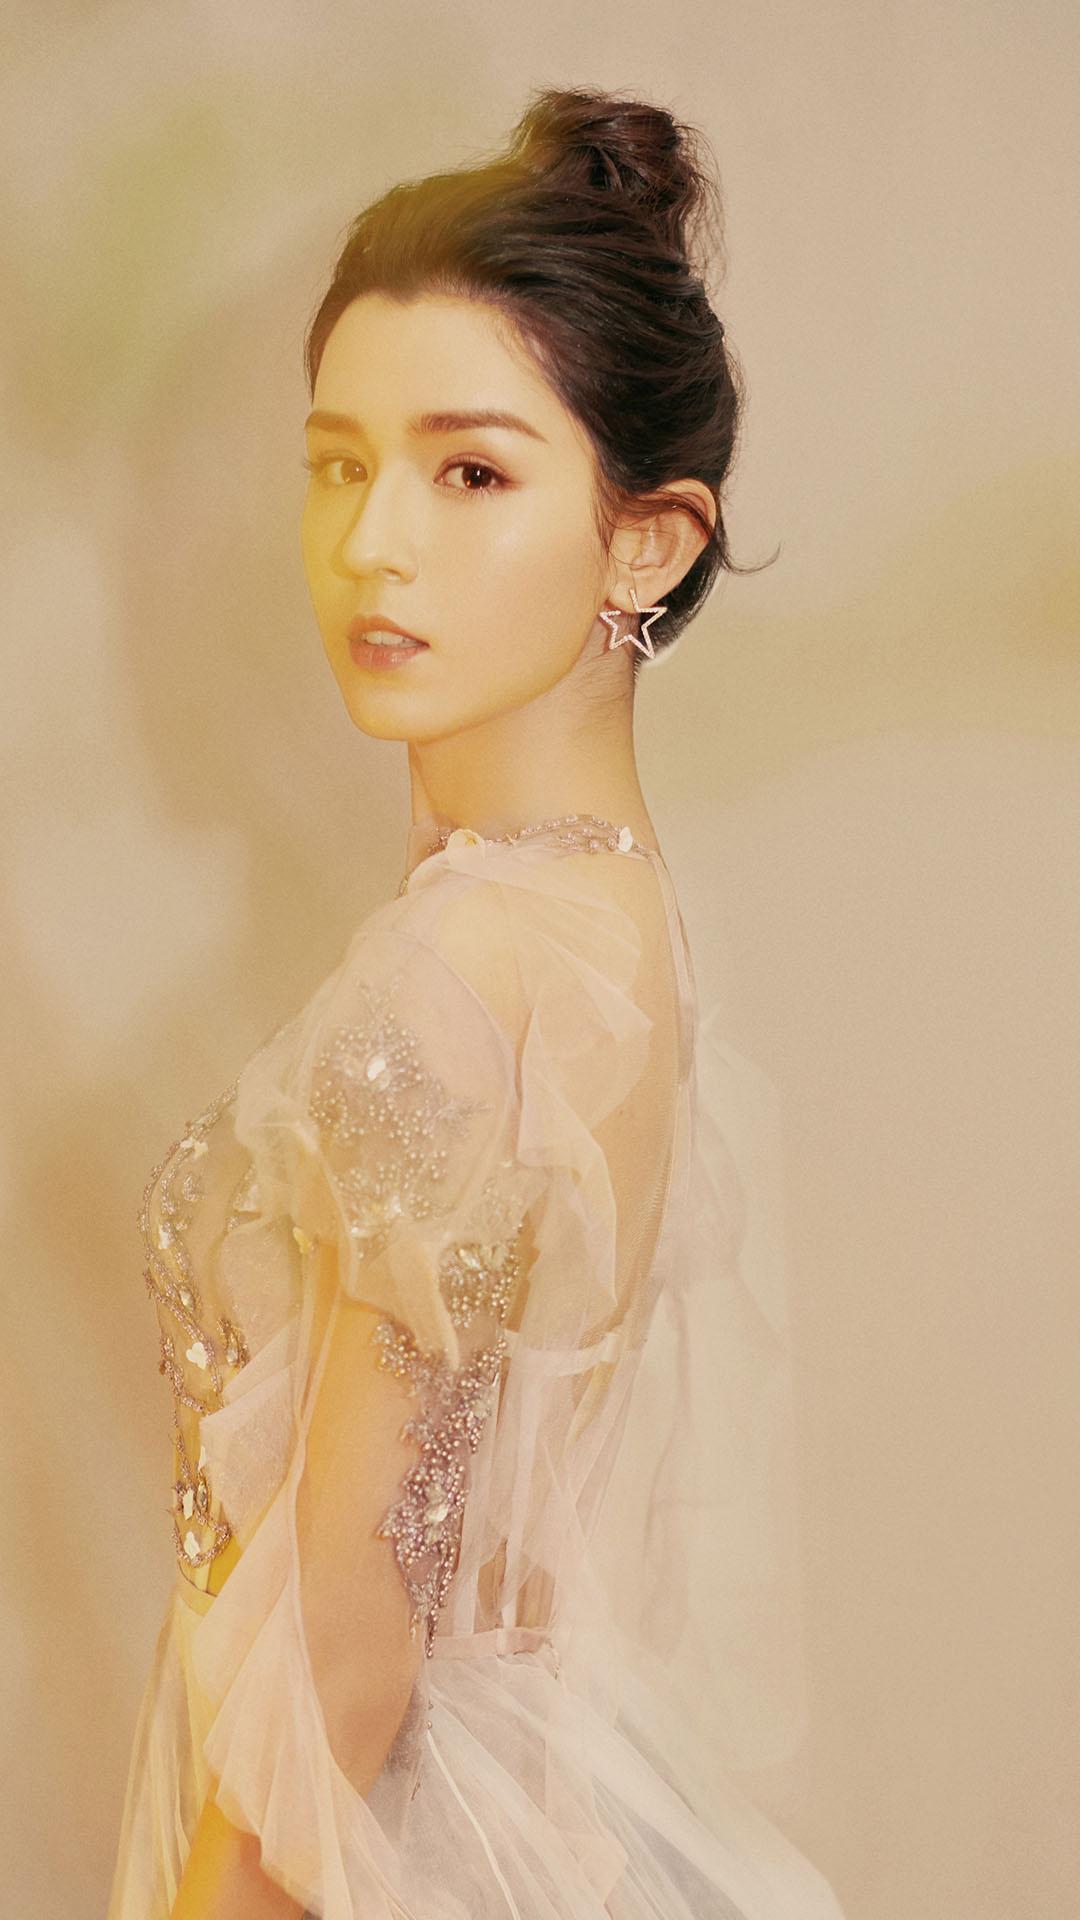 中国女明星哈妮克孜照片简约手机壁纸下载